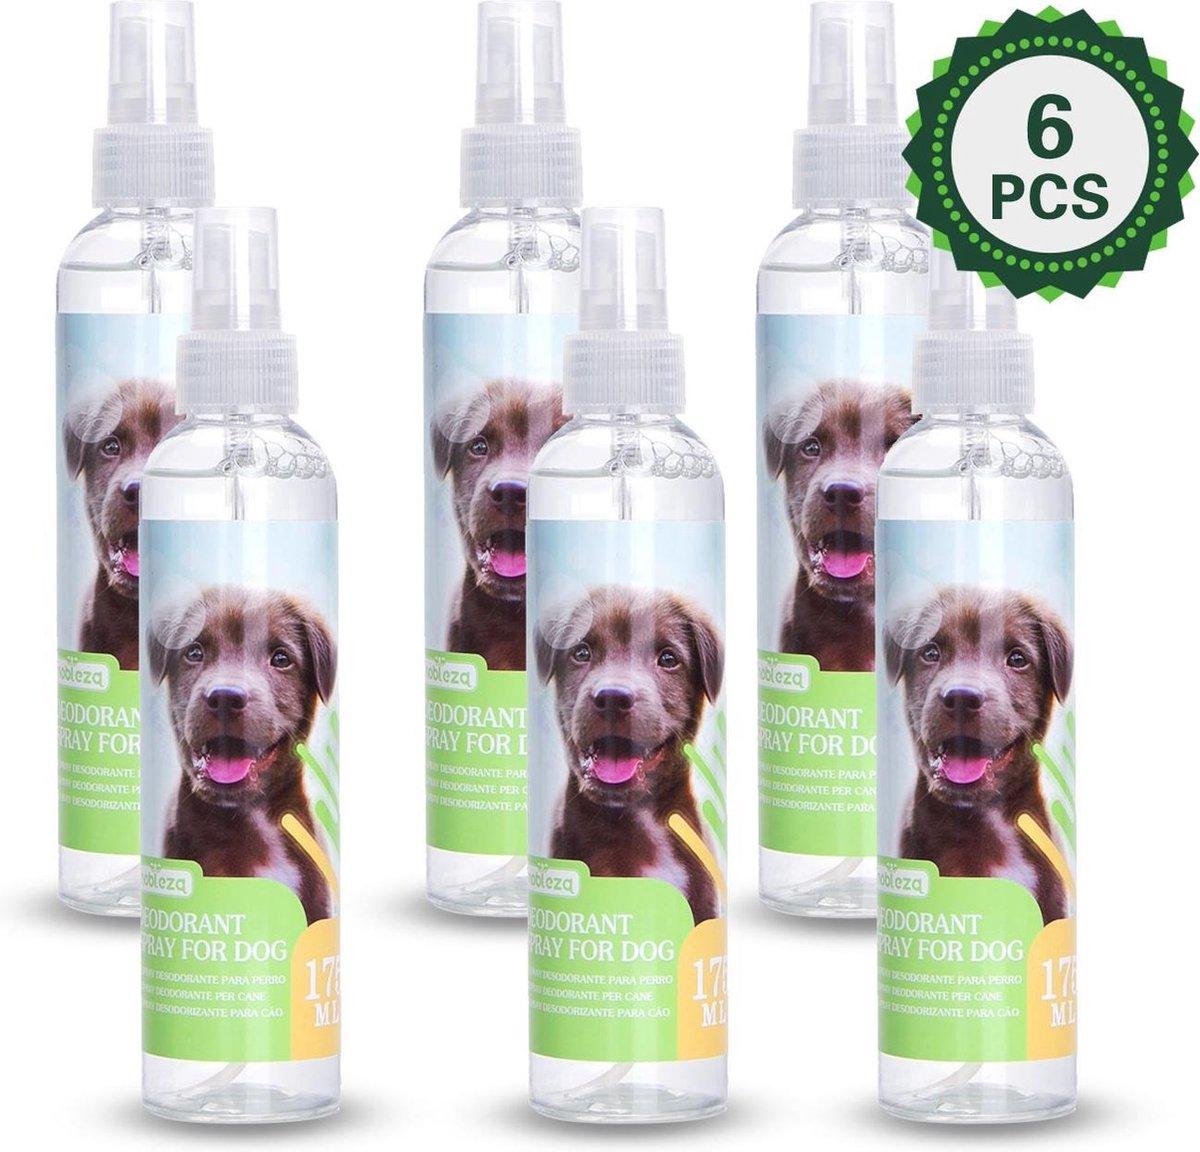 Nobleza Geurverwijderaars Honden - 6 stuks van 175ml kopen